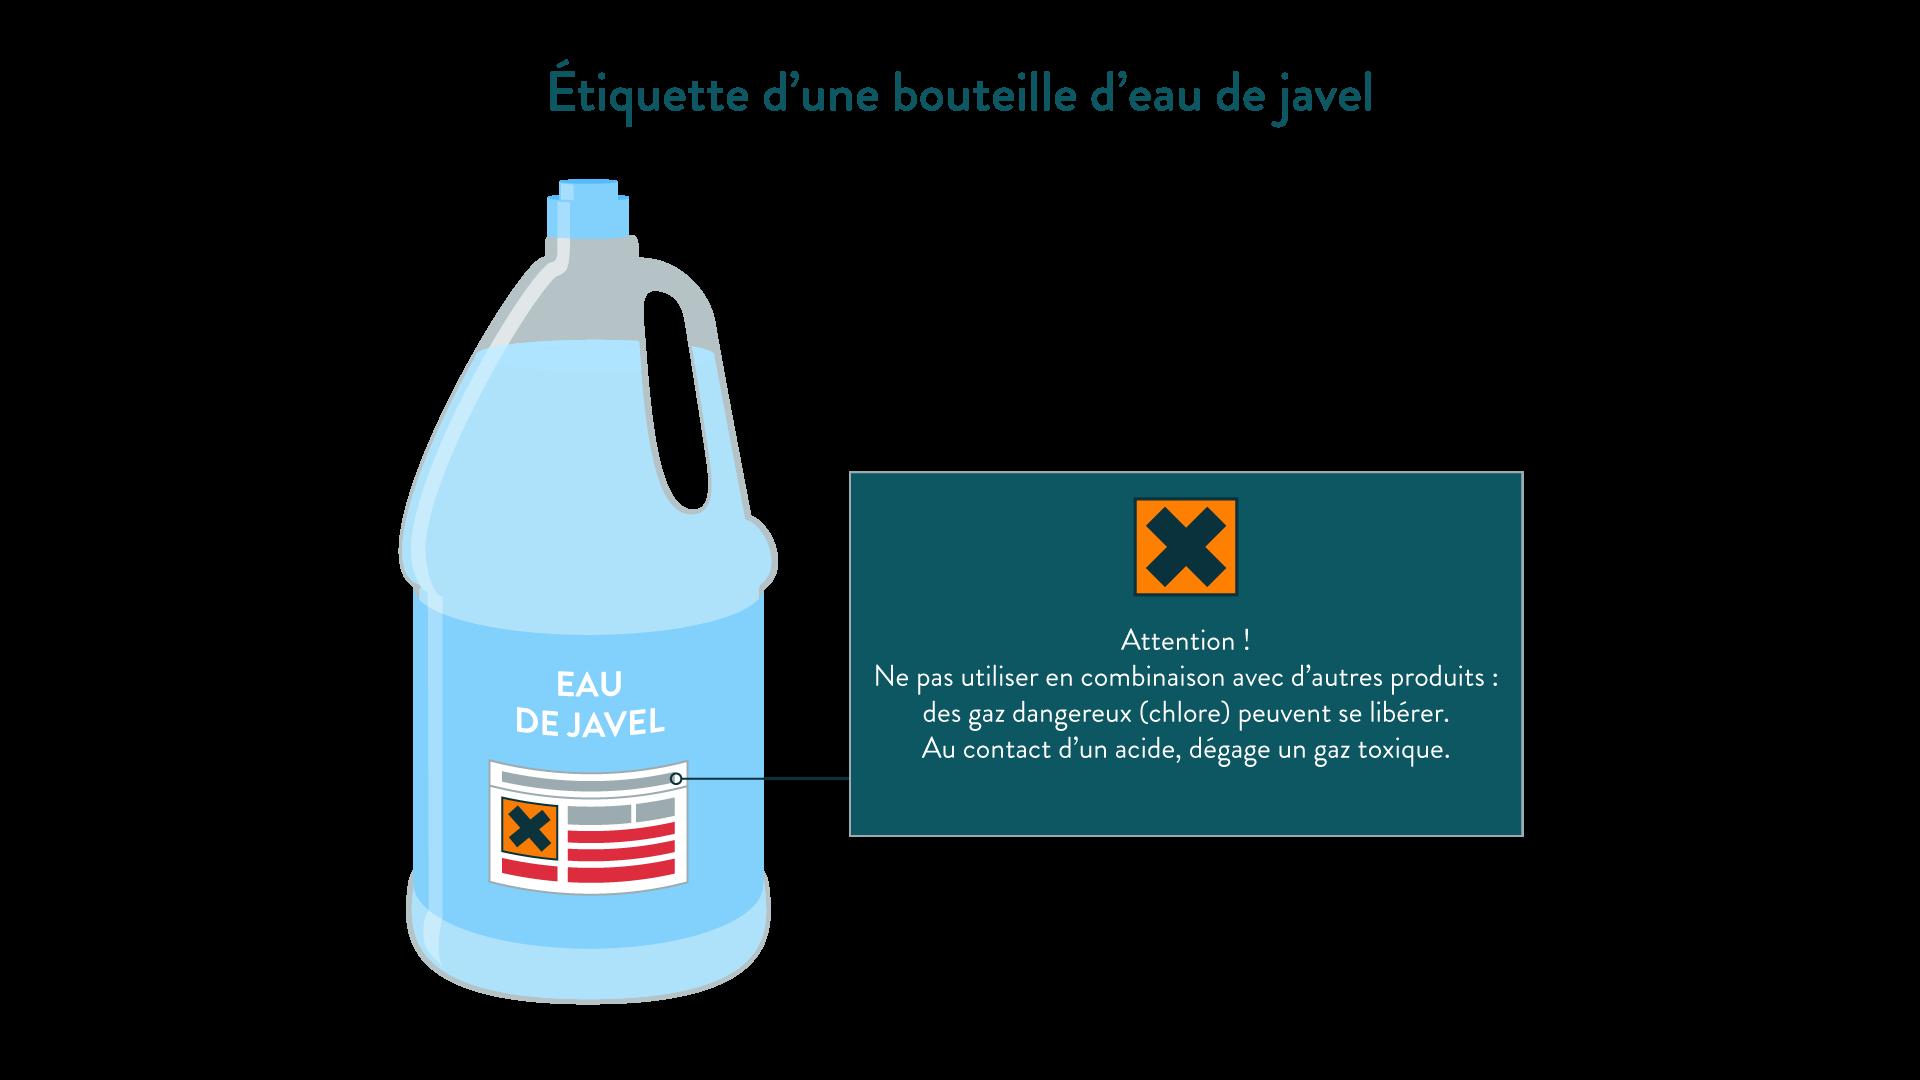 Étiquette d'une bouteille d'eau de Javel physique chimie 6eme schoolmouv